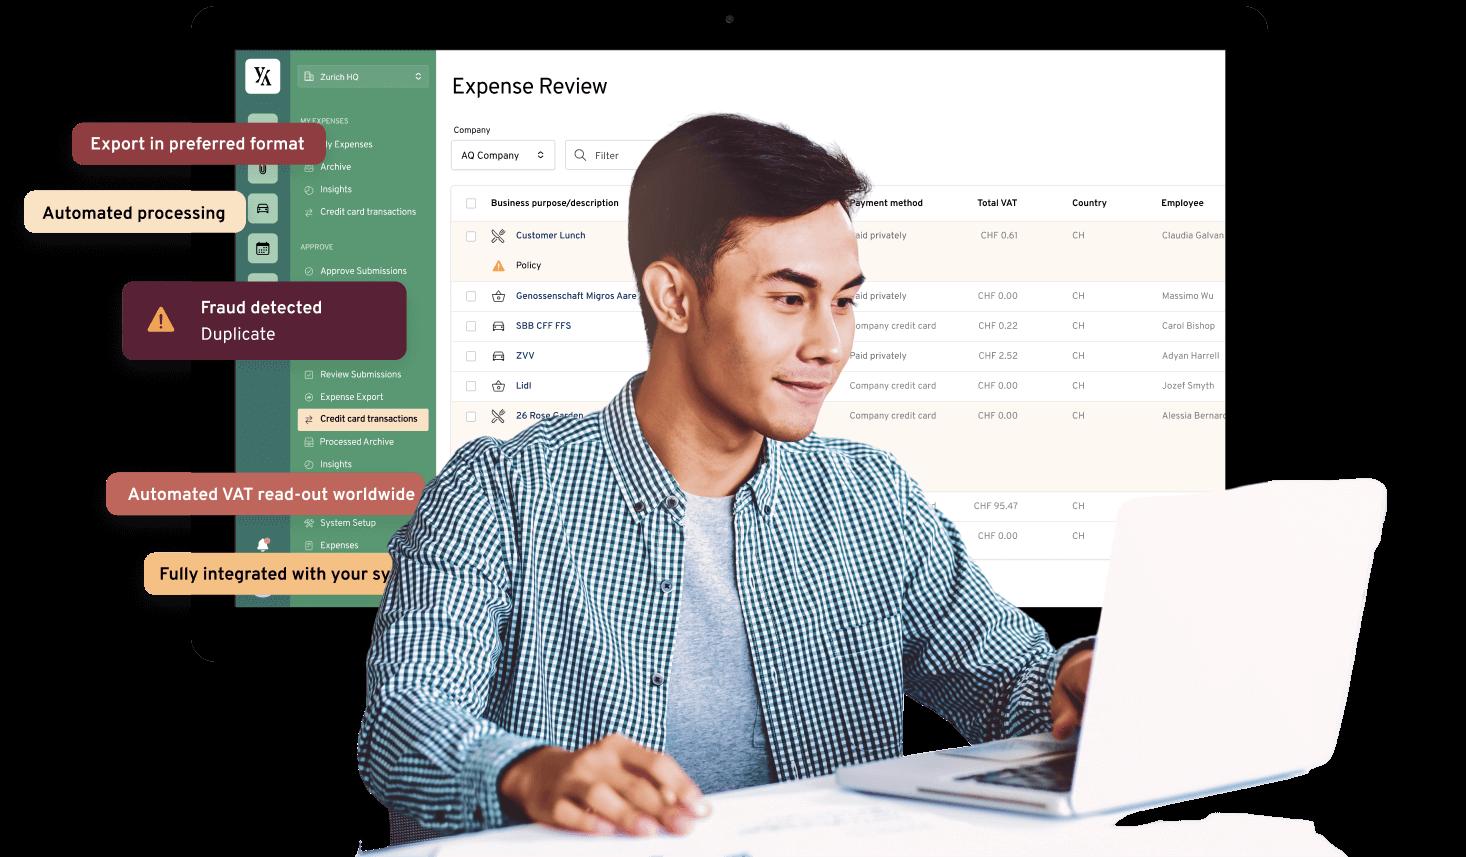 Image of Accountant using Yokoy / Darstellung eines Buchhalters, der Yokoy nutzt